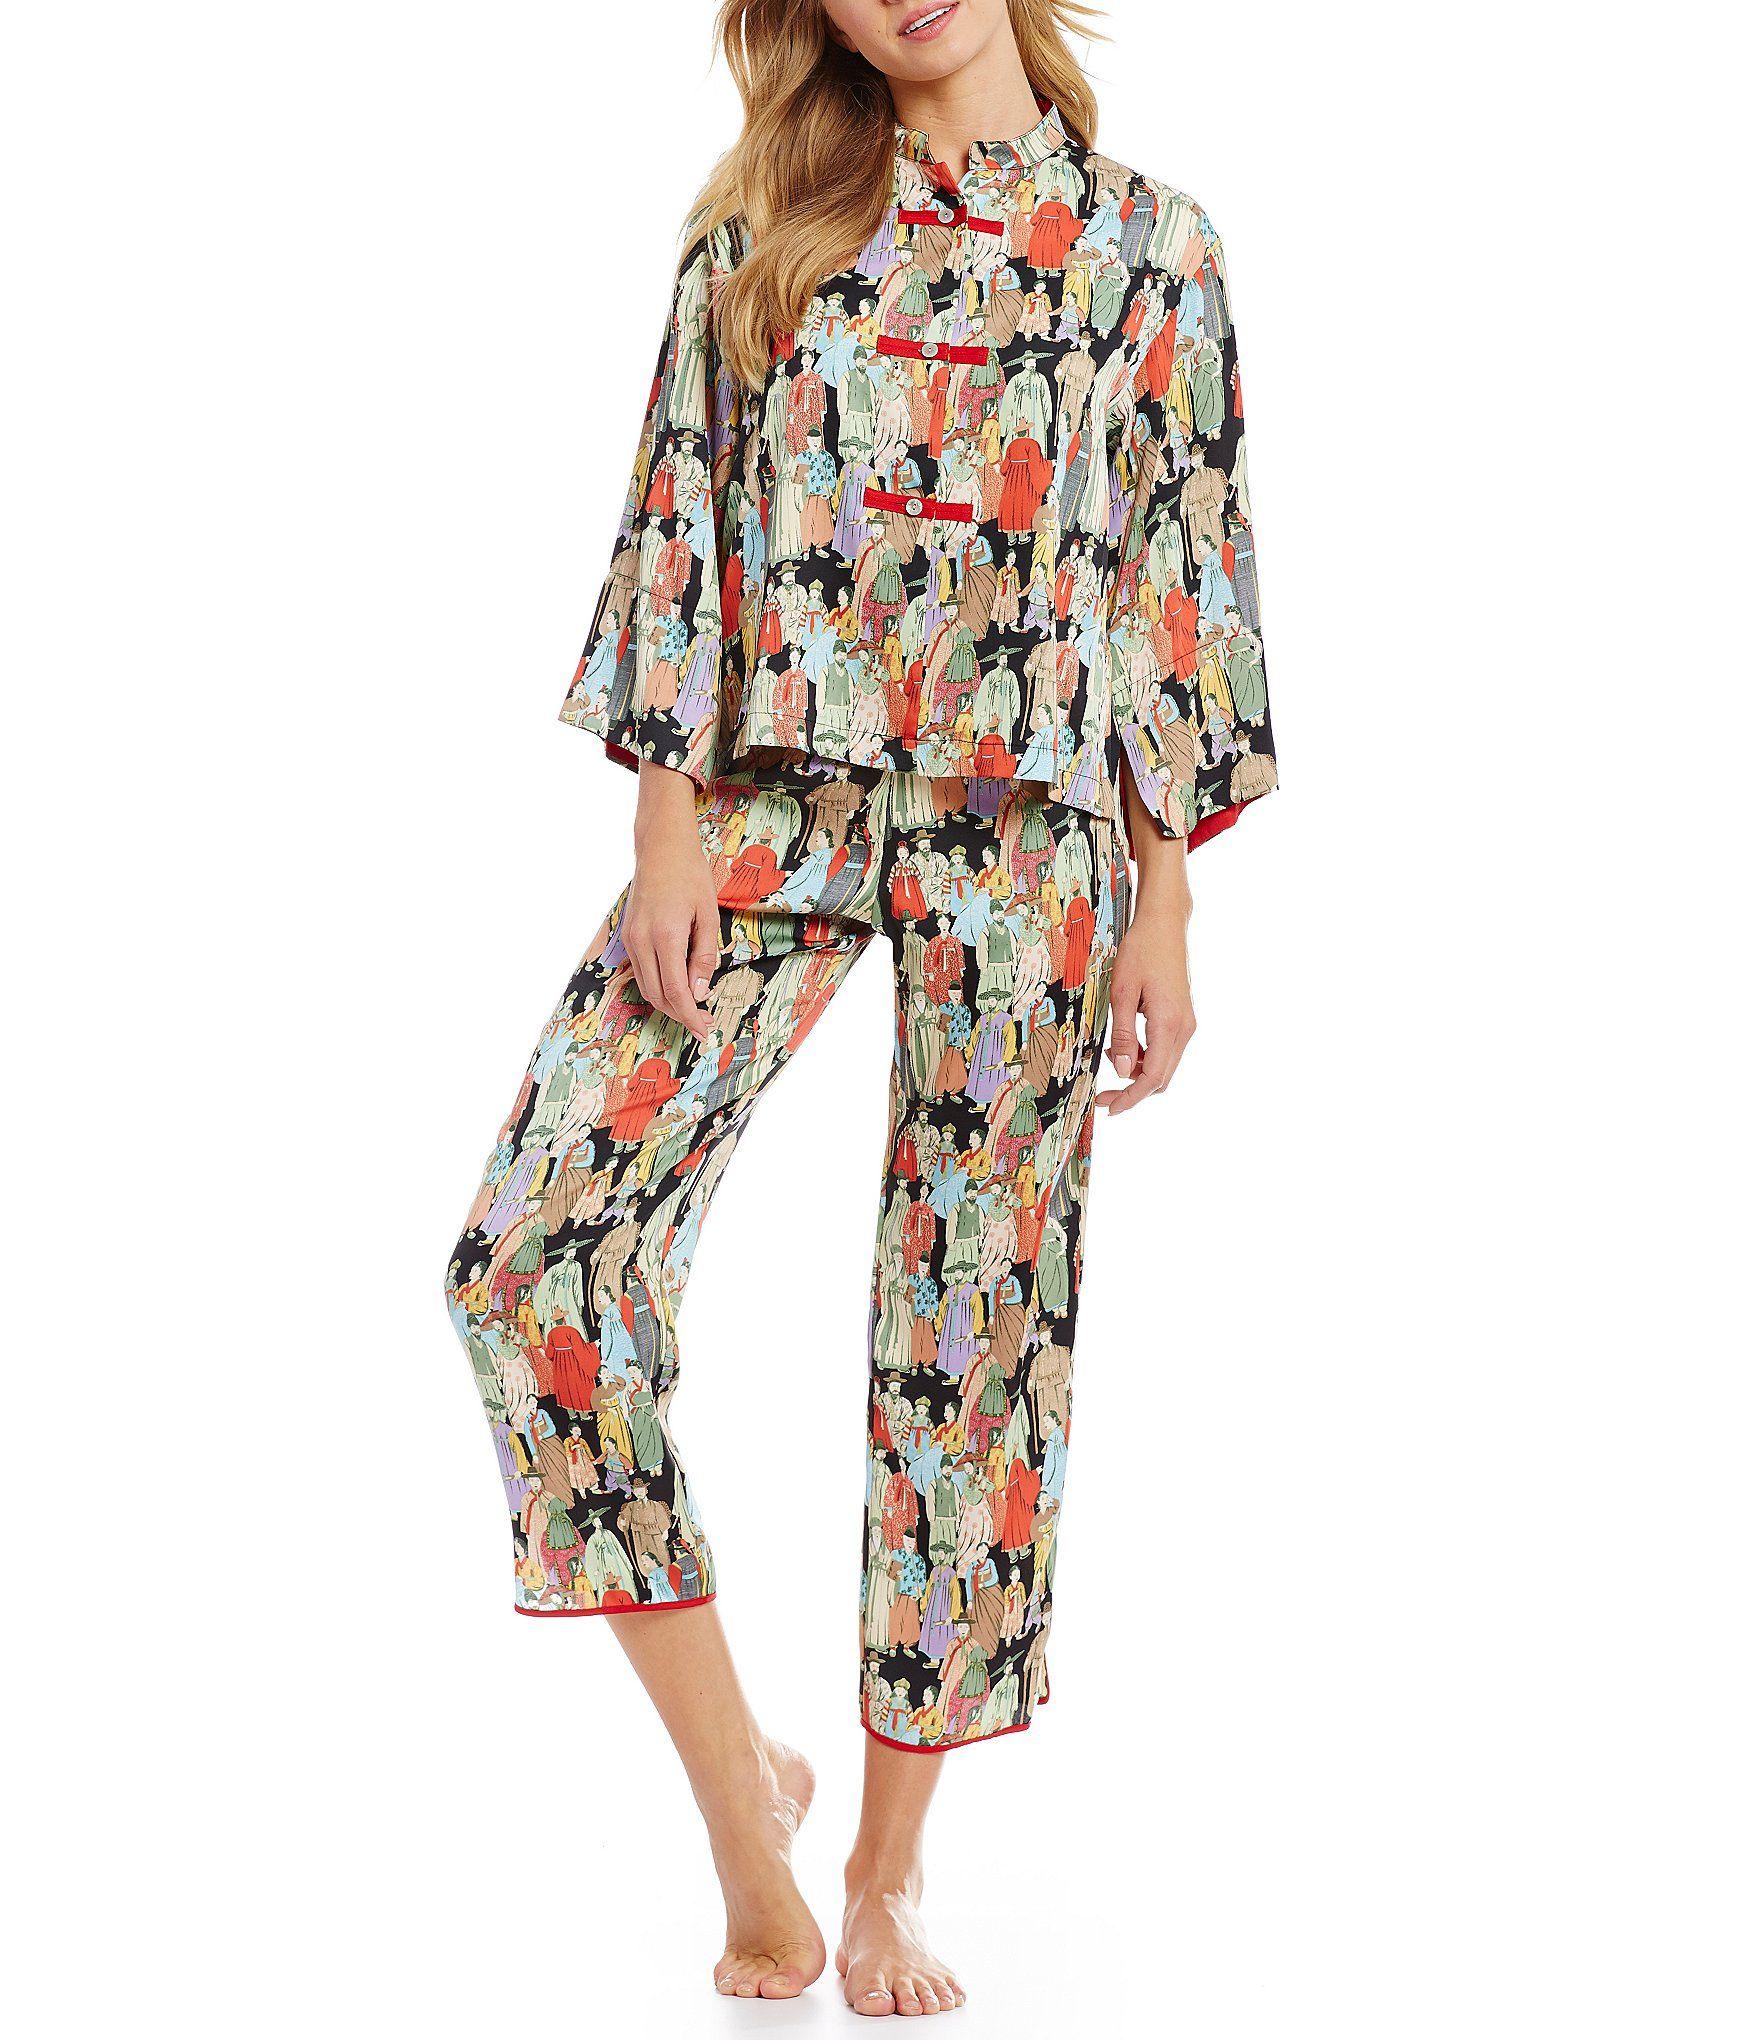 Natori Dynasty Crowded City Satin Pajamas Dillards